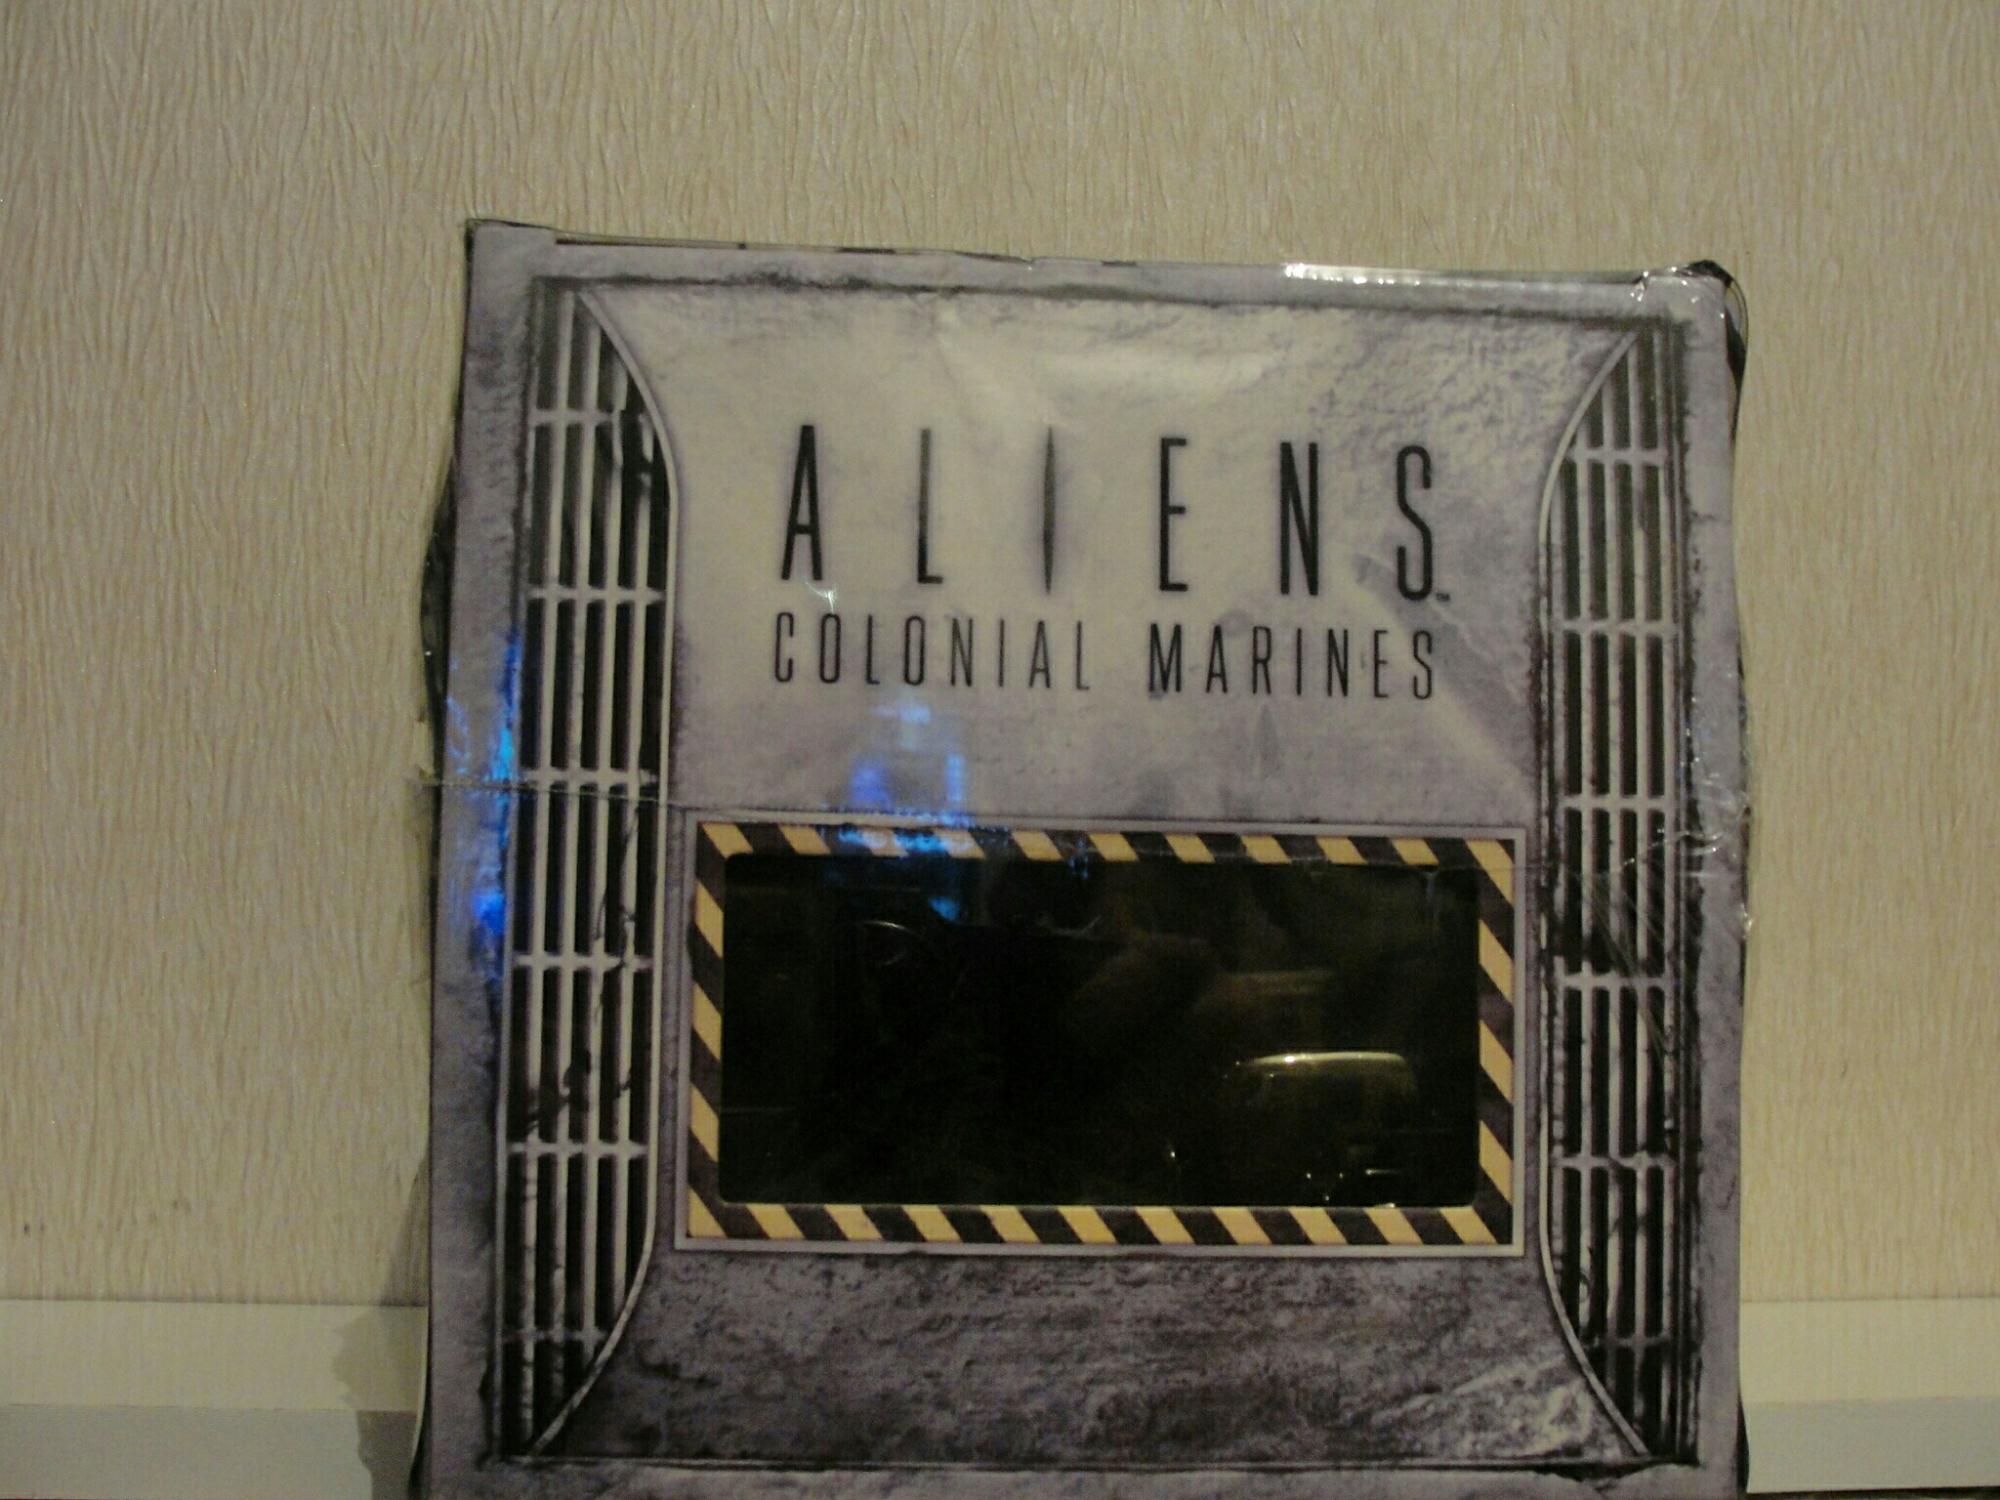 Aliens C.M. фигурка в Москве 89772562788 купить 2